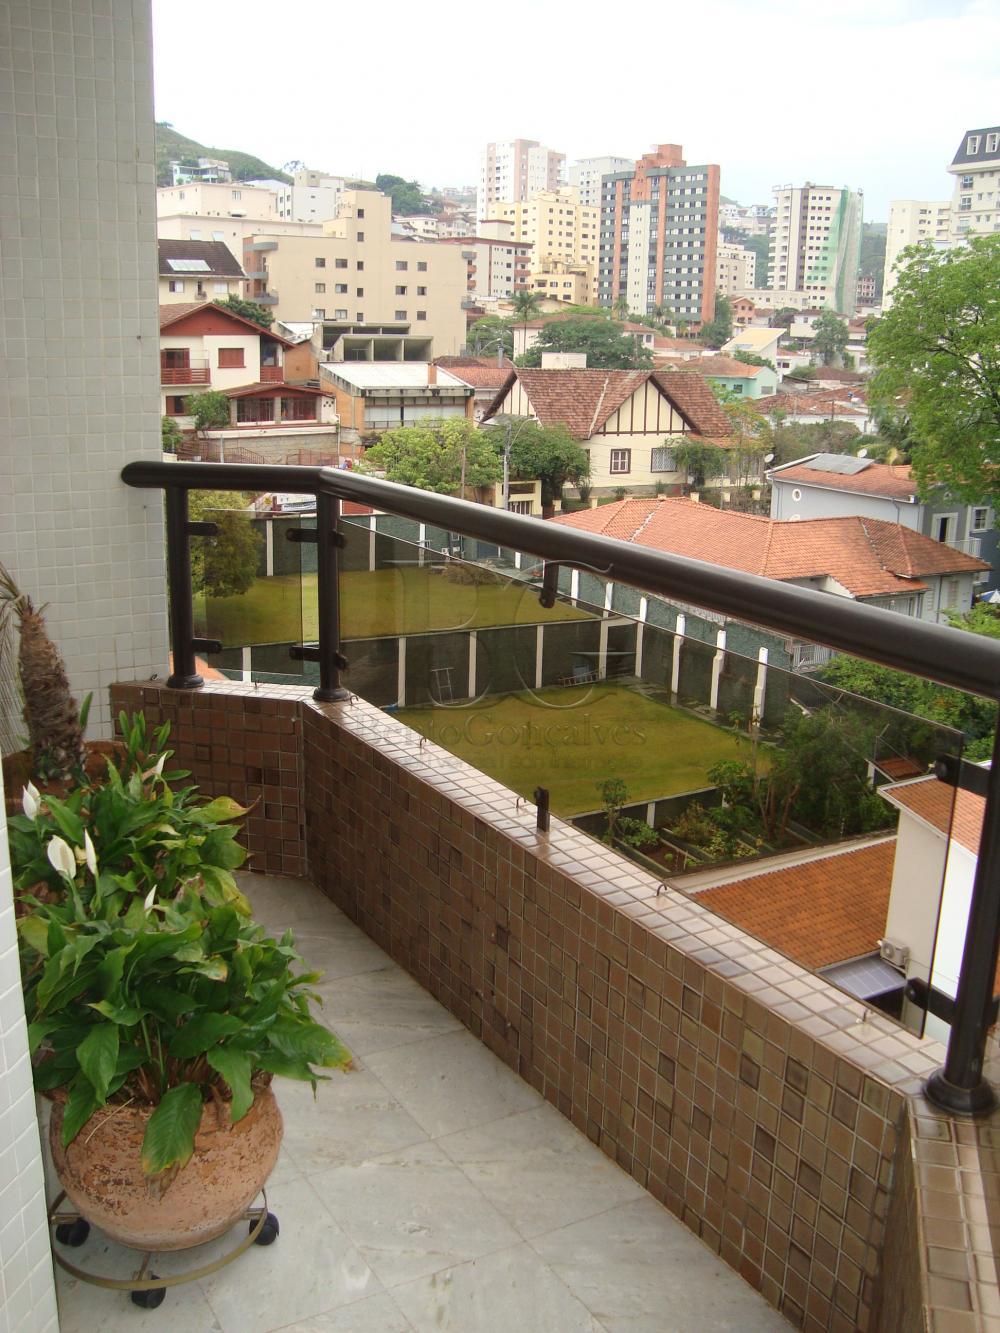 Comprar Apartamentos / Padrão em Poços de Caldas apenas R$ 1.200.000,00 - Foto 18